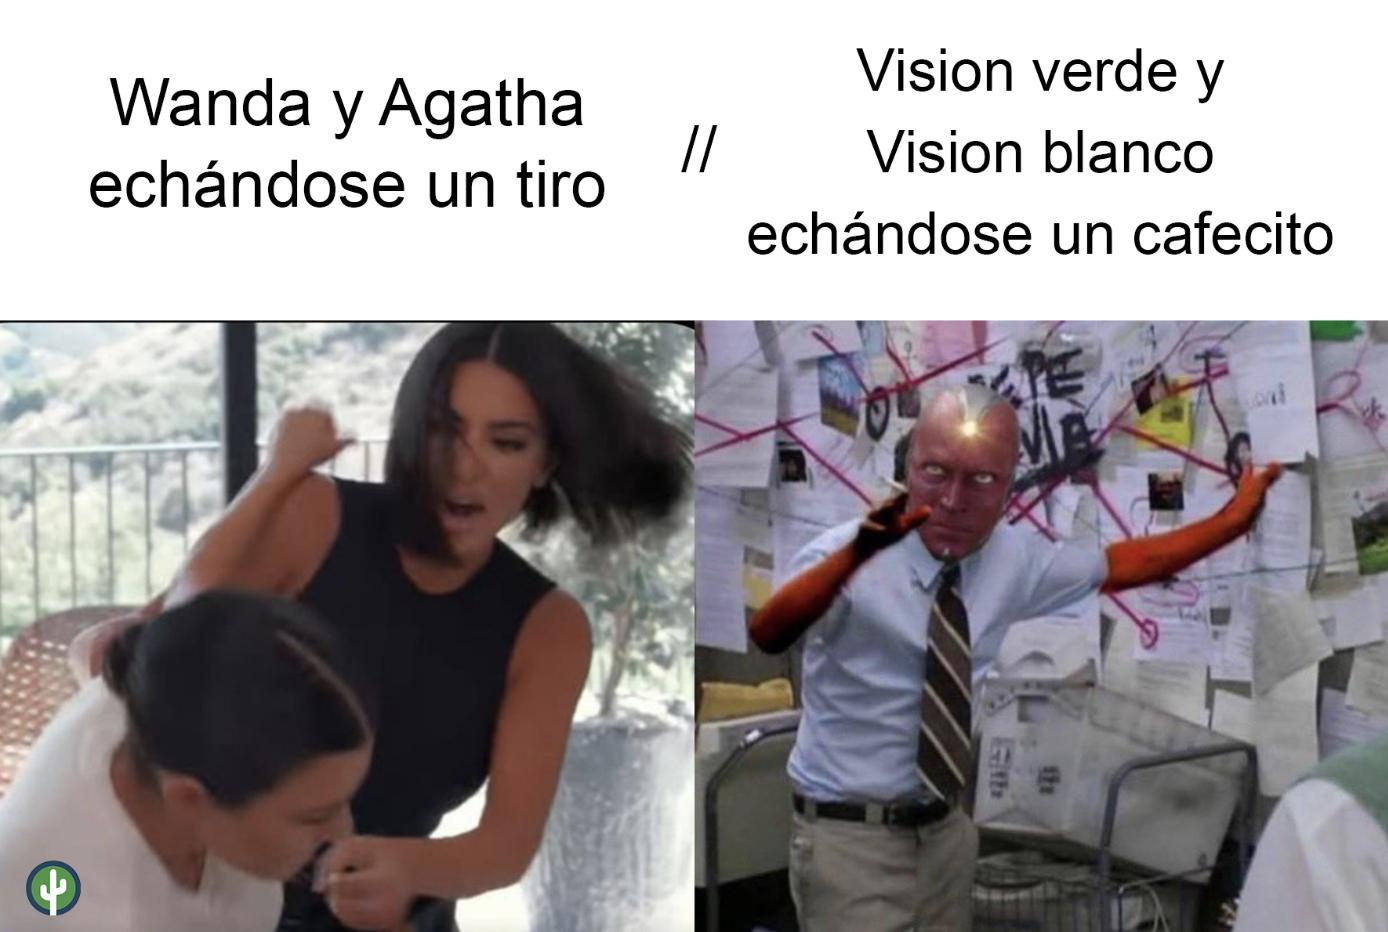 agatha wanda vision meme